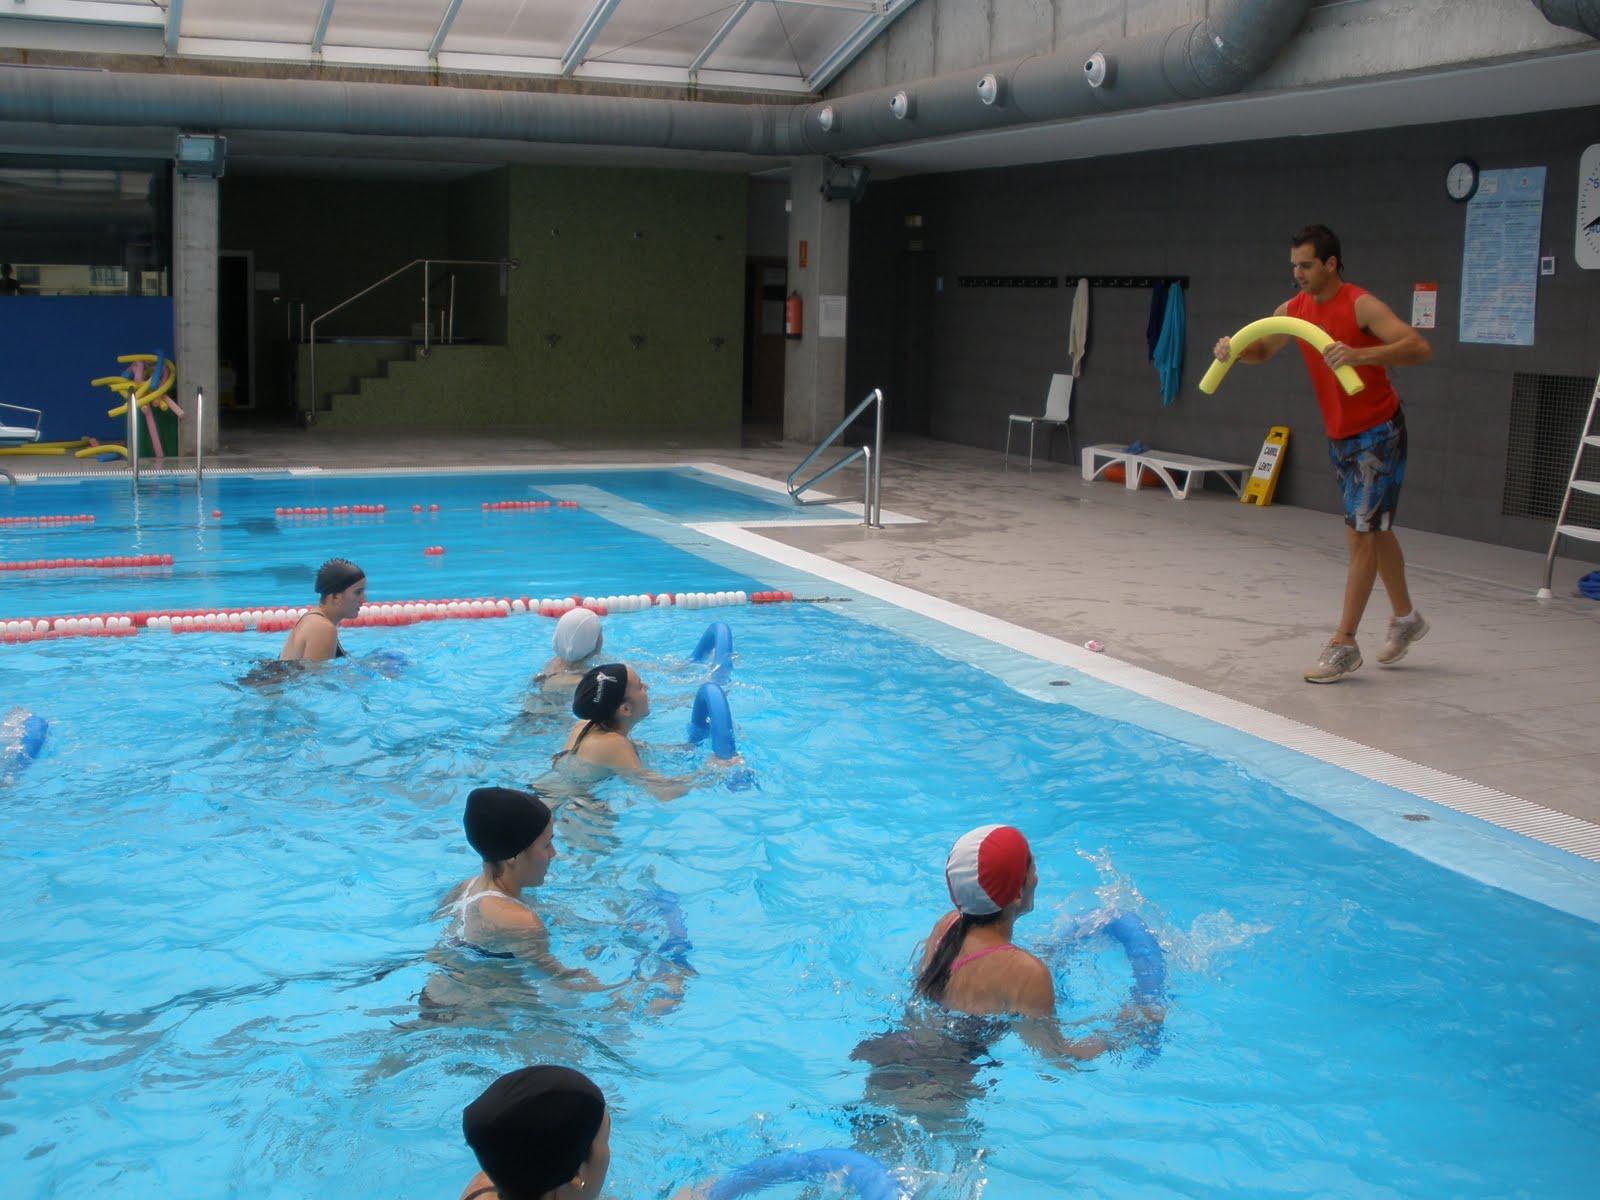 Piscina y complejo deportivo municipal campos for Piscina municipal campos